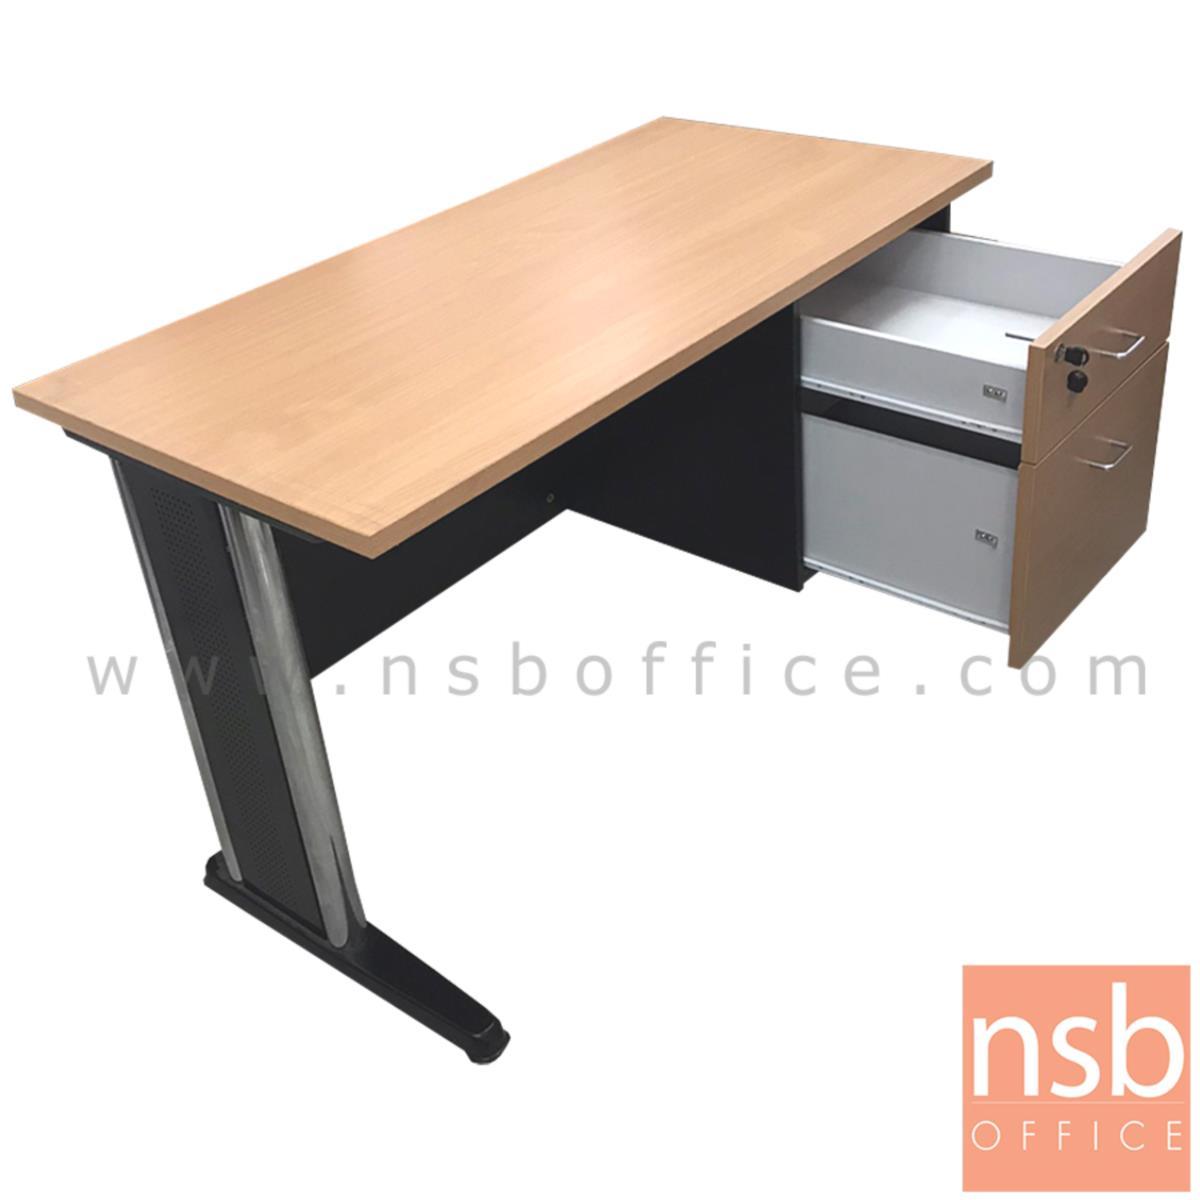 โต๊ะทำงาน 2 ลิ้นชัก  ขนาด 120W*75H cm. ขาเหล็ก สีบีช-ดำ